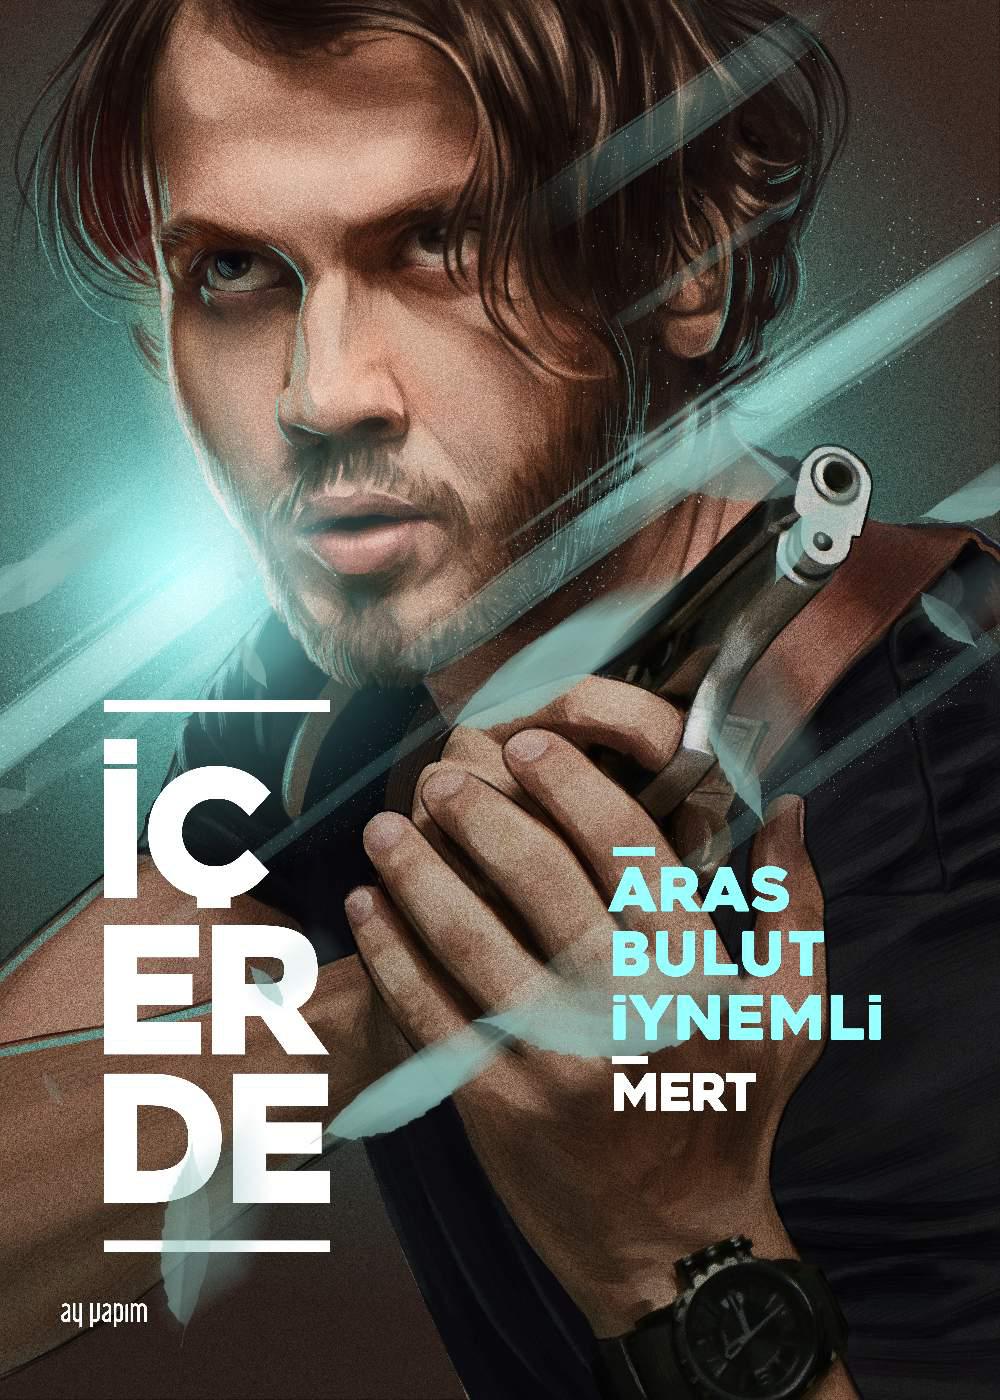 Icerde-Mert-1000